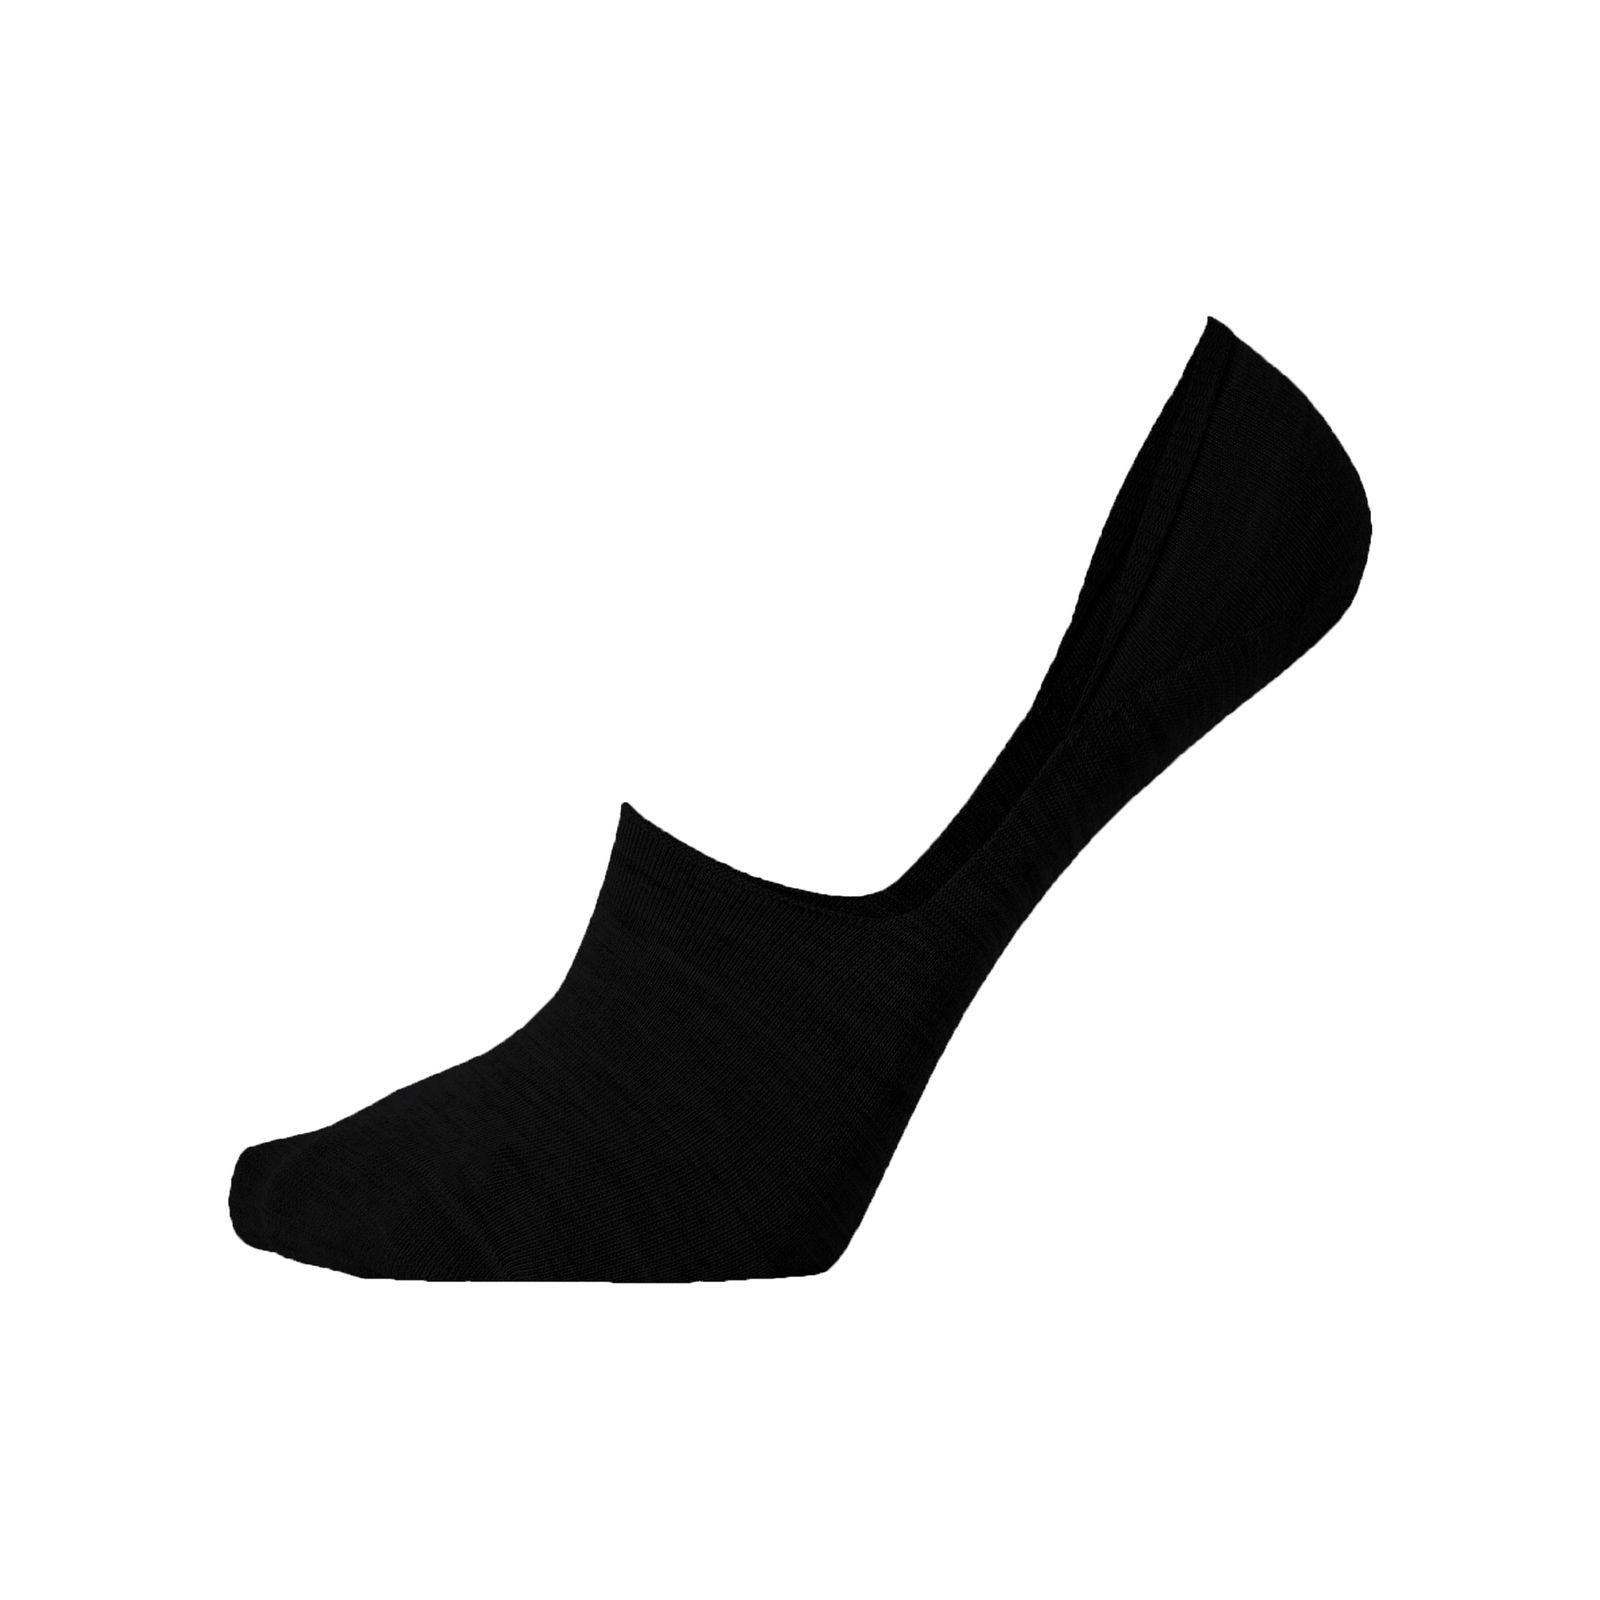 جوراب زنانه مستر جوراب کد BL-MRM 251 بسته 2 عددی -  - 3